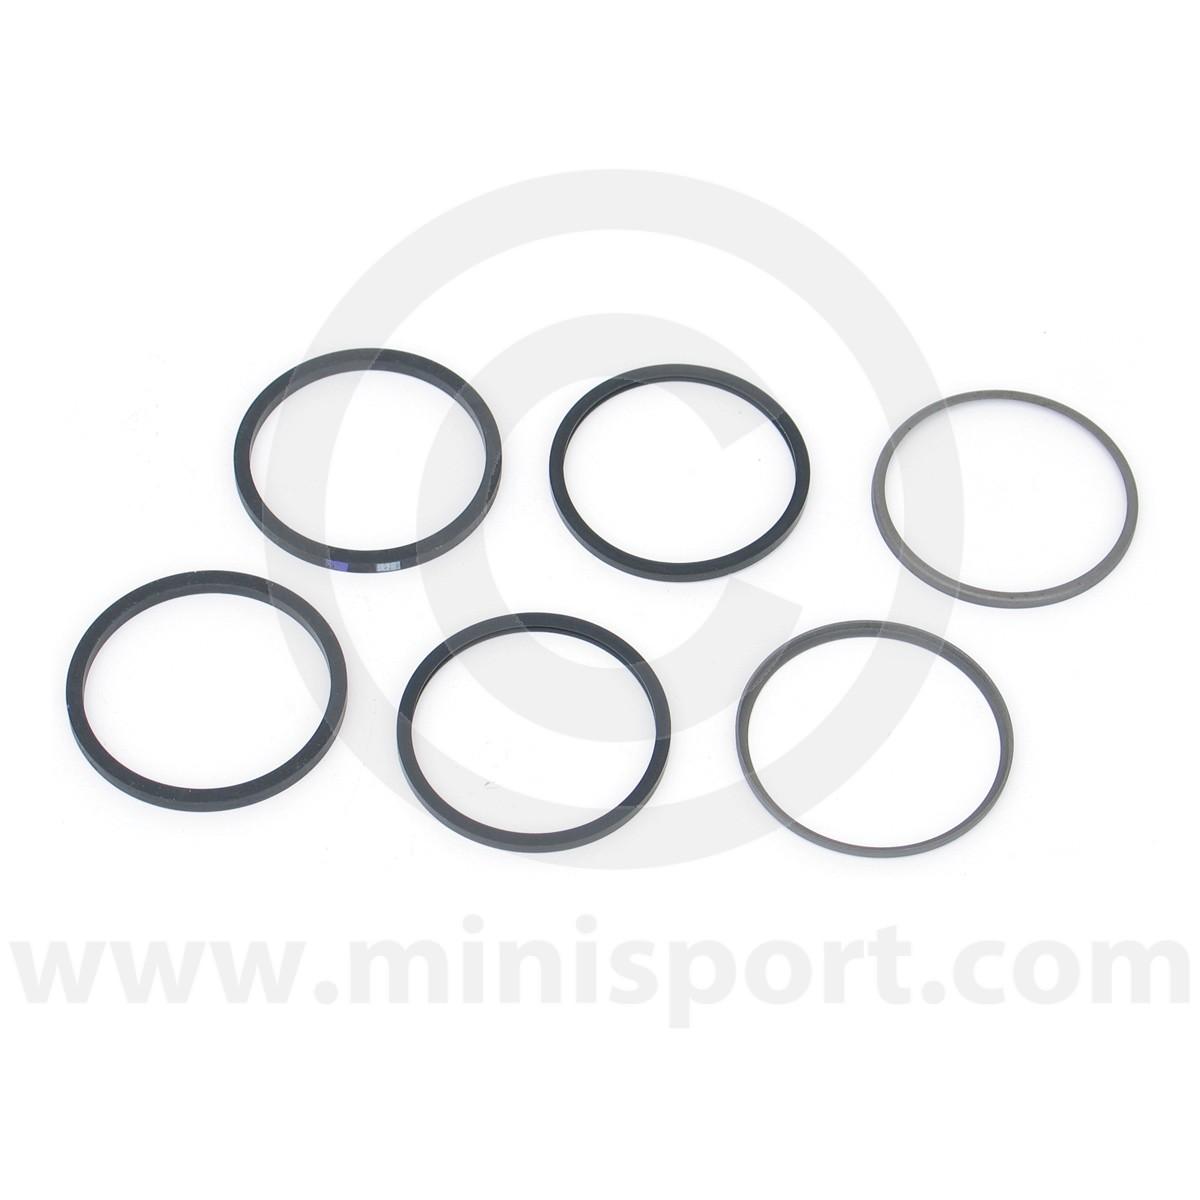 hight resolution of grk5006 brake caliper seal kit for the mini cooper s 7 5 caliper